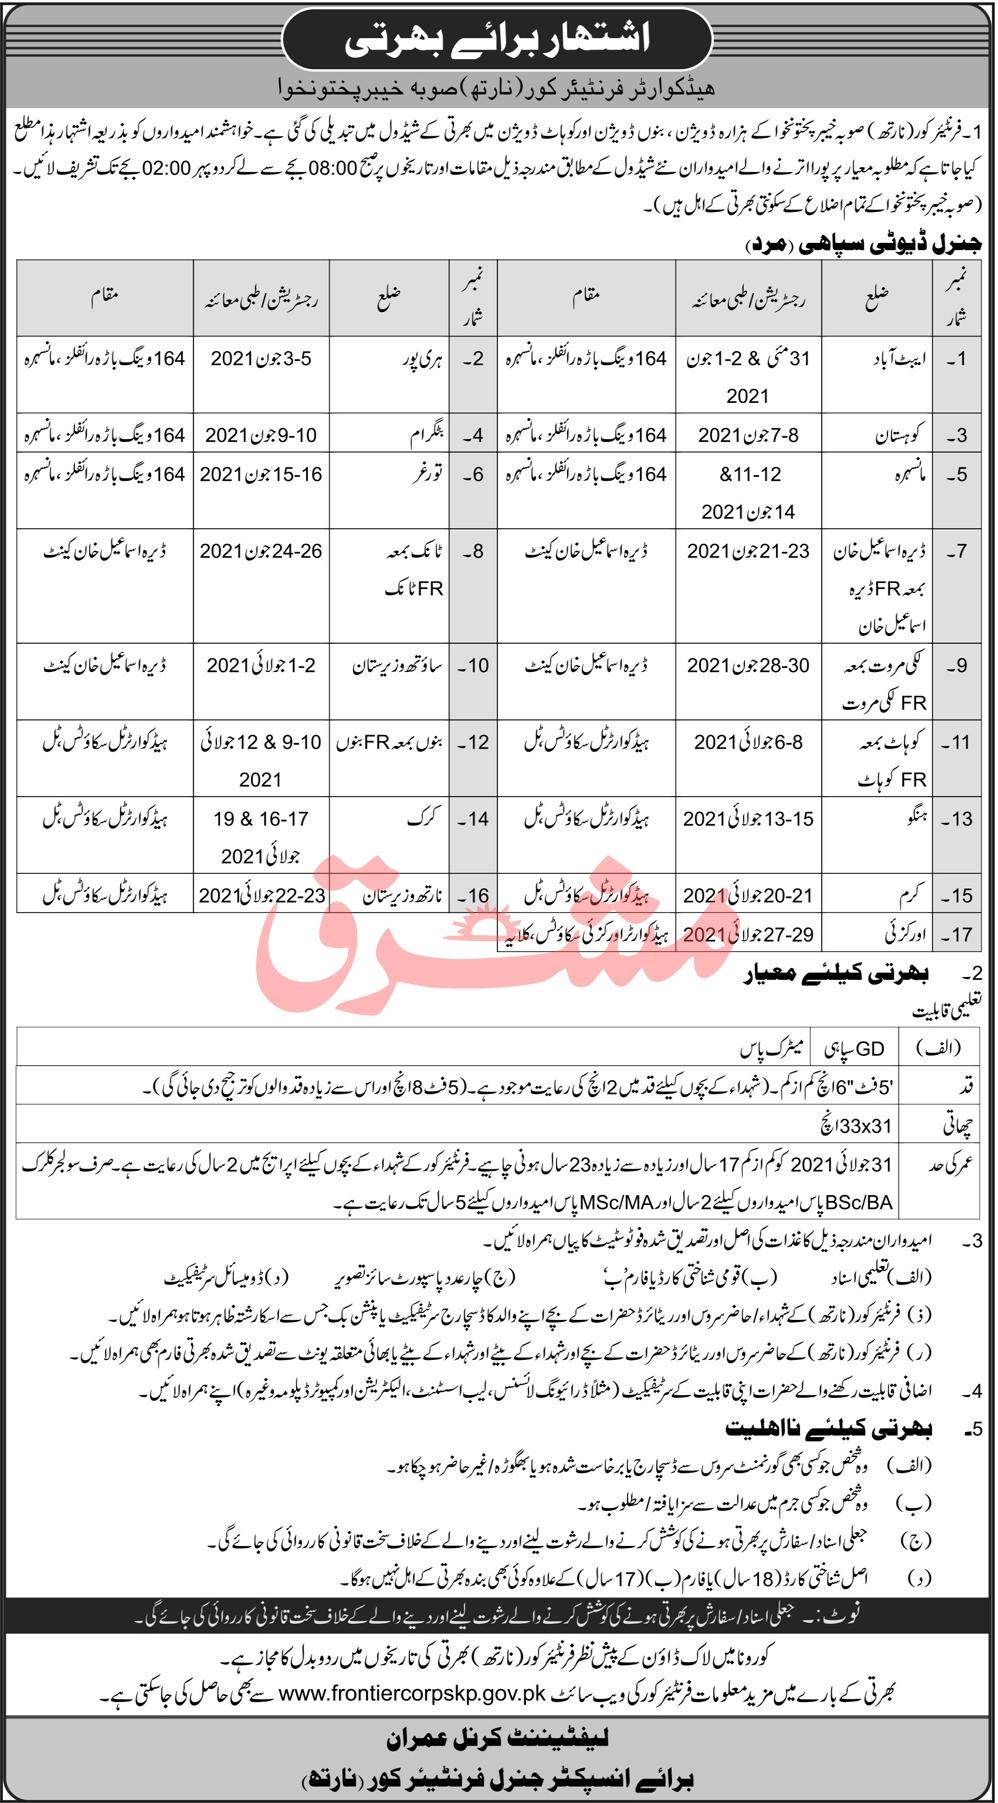 www.frontiercorpskp.gov.pk Jobs 2021 - Frontier Corps (North) Jobs 2021 in Pakistan